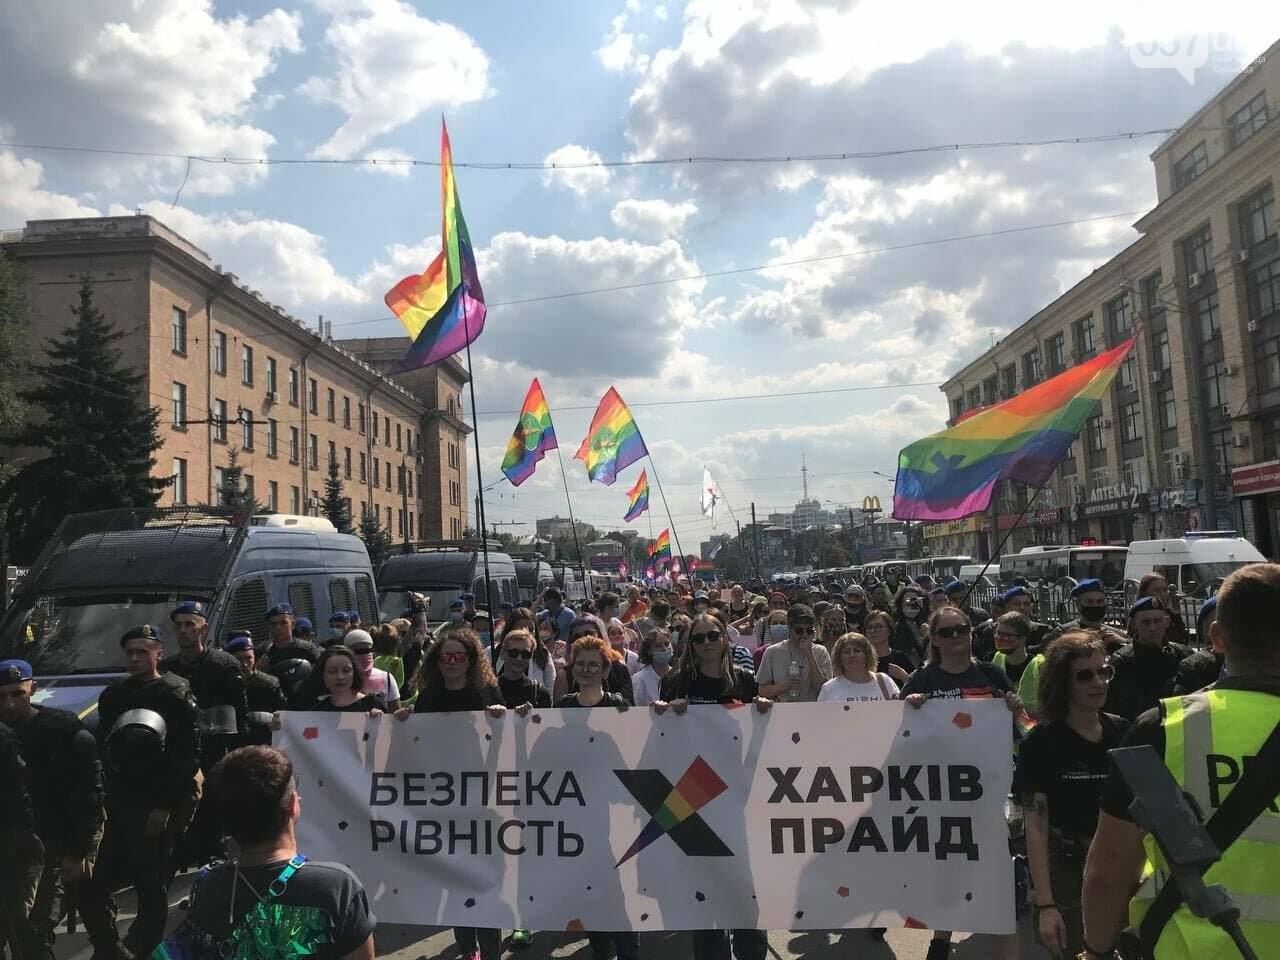 «Нет важней любви». Как в центре Харькова прошел ЛГБТ-марш, - ФОТОРЕПОРТАЖ, фото-1